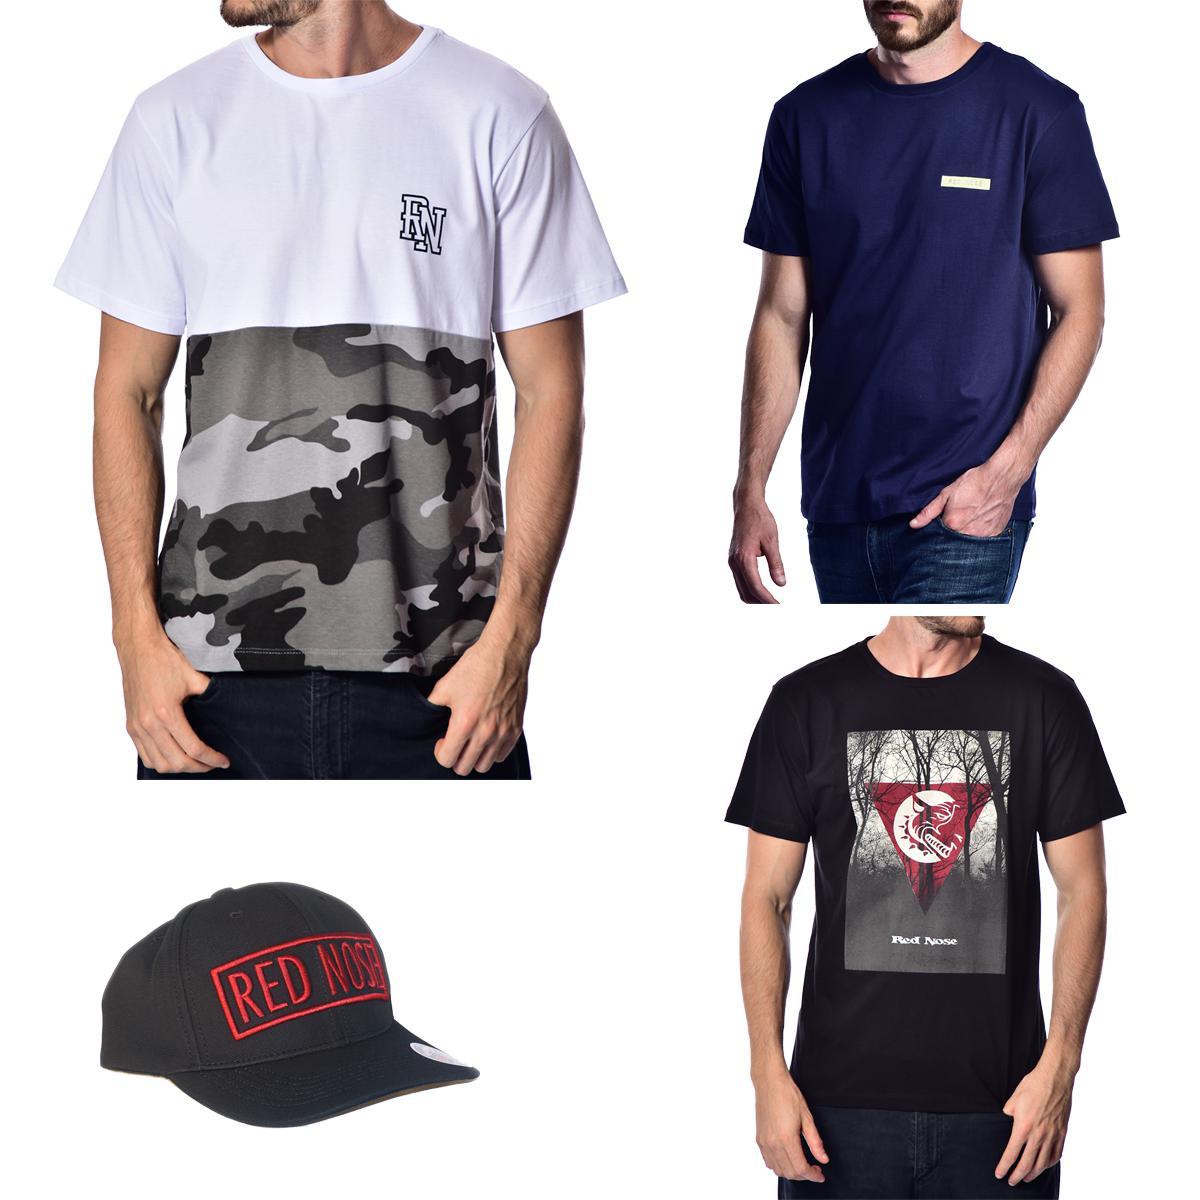 KIT 3 Camisetas e Boné Red Nose - Branco e Azul Marinho e Preto P